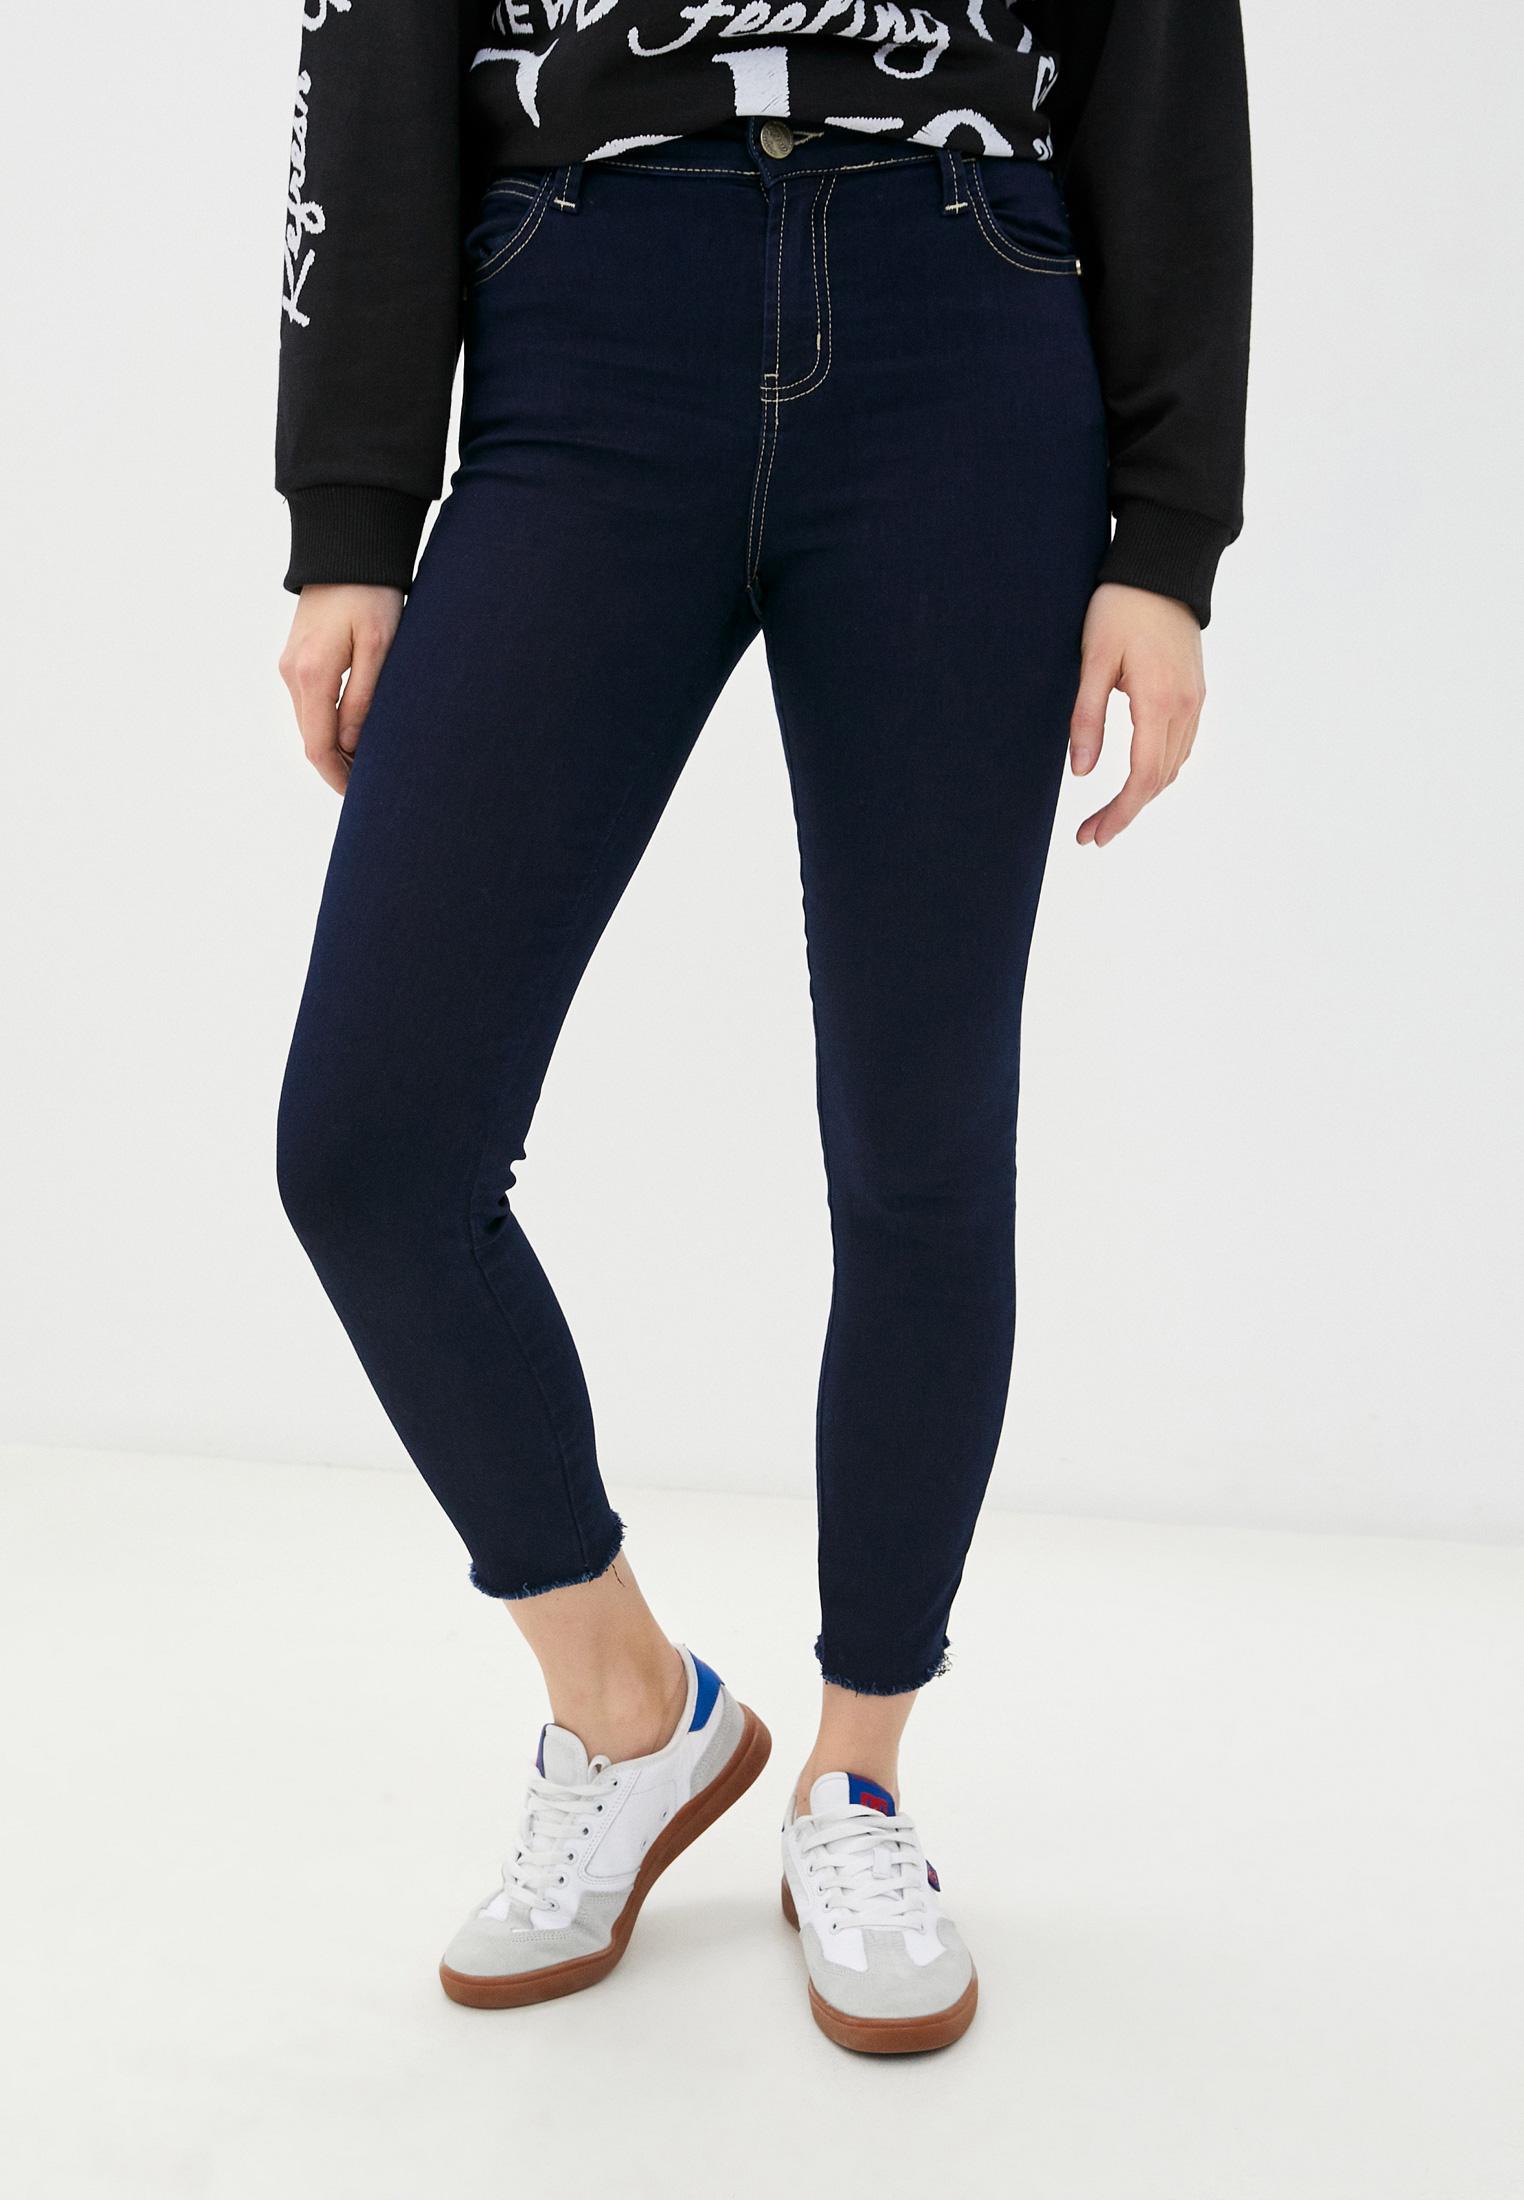 Зауженные джинсы Coca Cola Jeans 002.32.02969: изображение 1